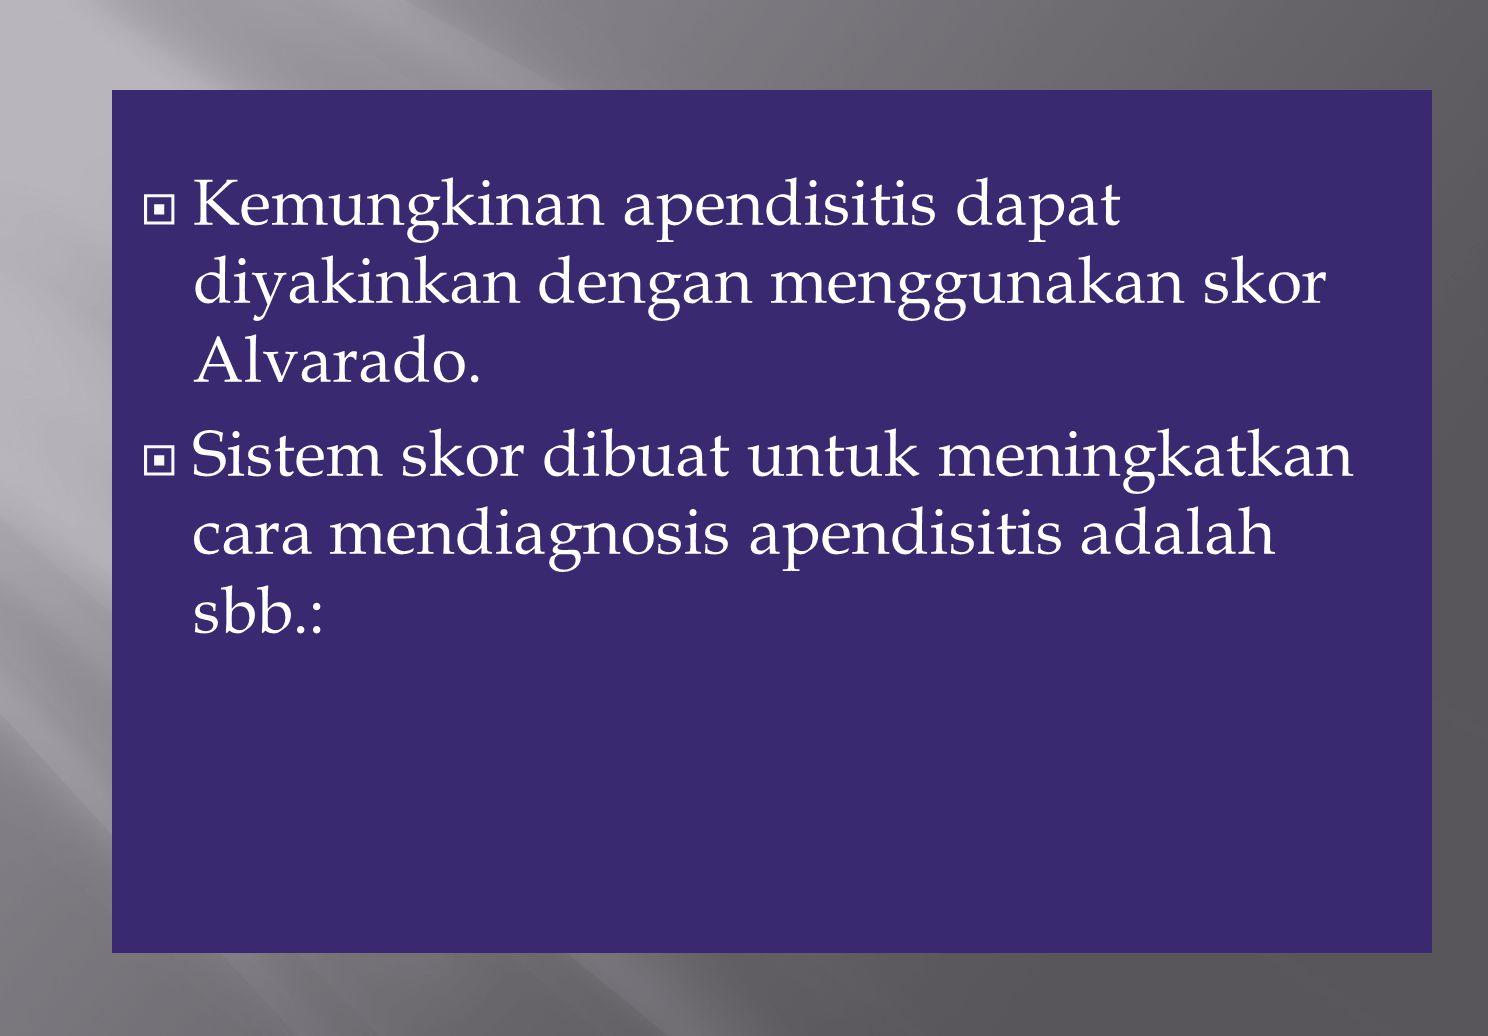  Kemungkinan apendisitis dapat diyakinkan dengan menggunakan skor Alvarado.  Sistem skor dibuat untuk meningkatkan cara mendiagnosis apendisitis ada